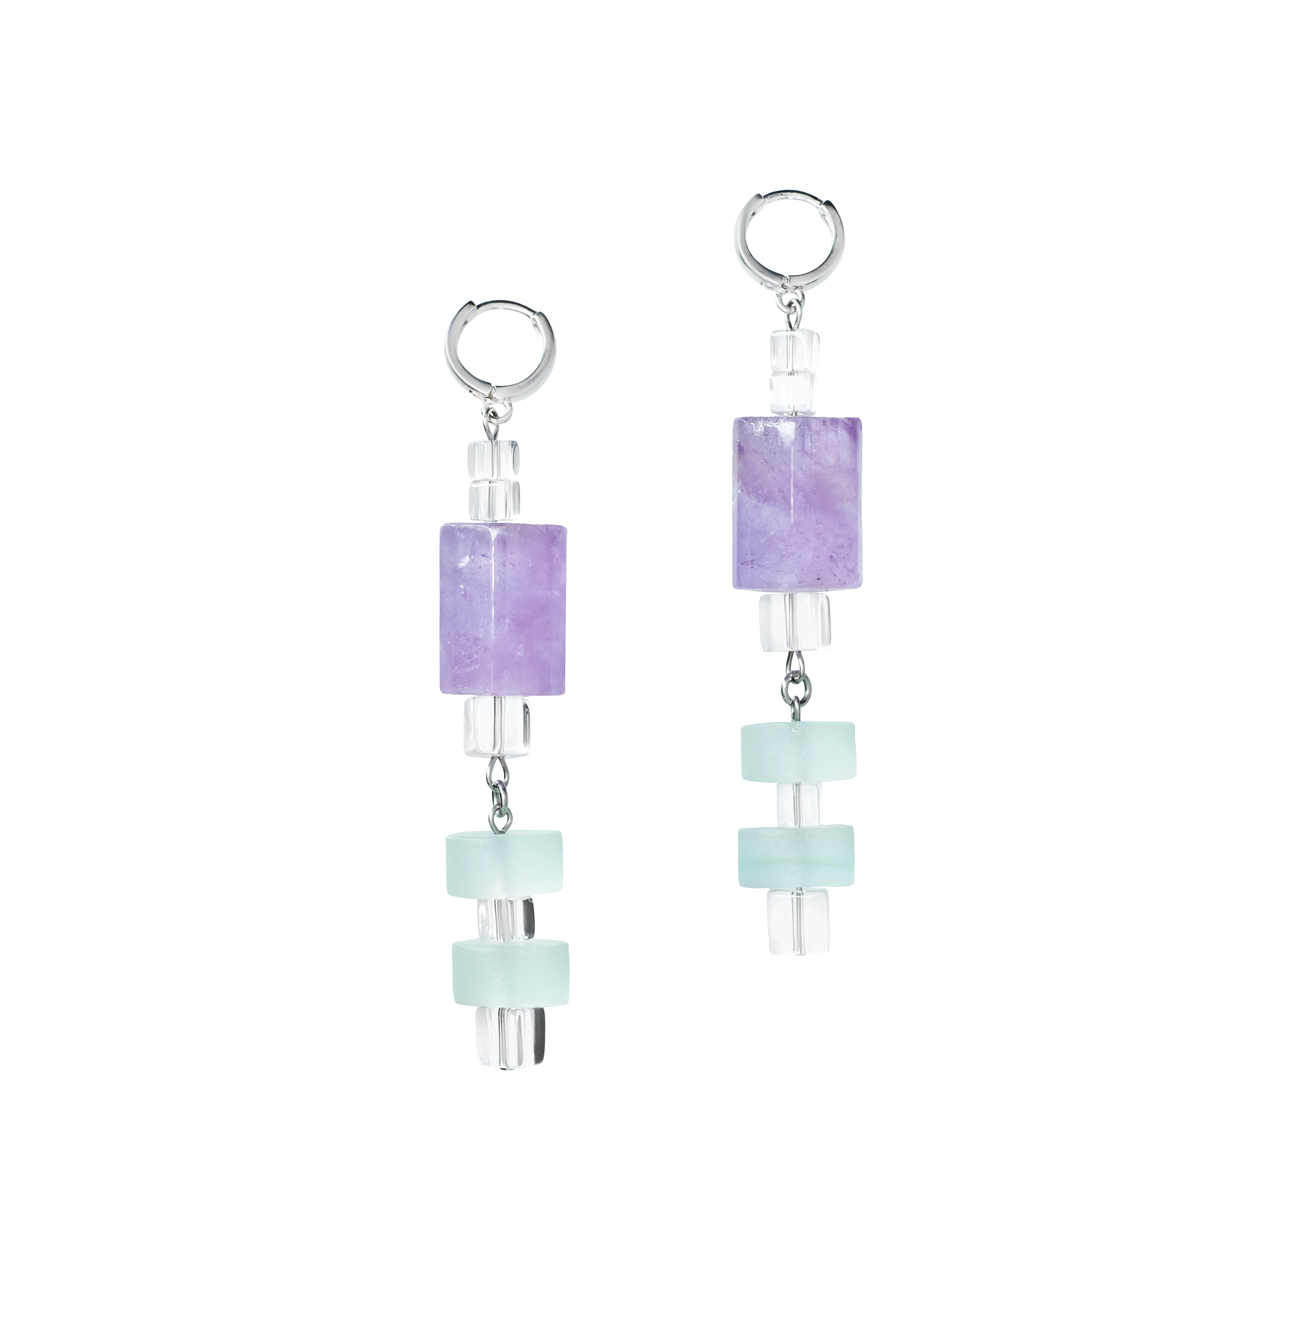 Golovina accessories ювелирная бижутерия серьги Giselle из натуральных камней